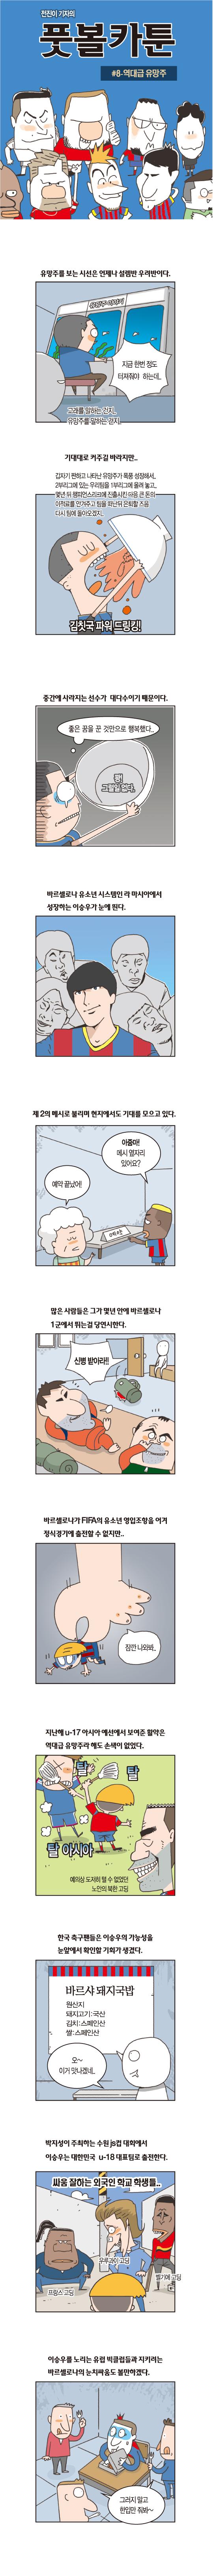 [전진이기자의 풋볼카툰]#9- 역대급 유망주 기사의 사진